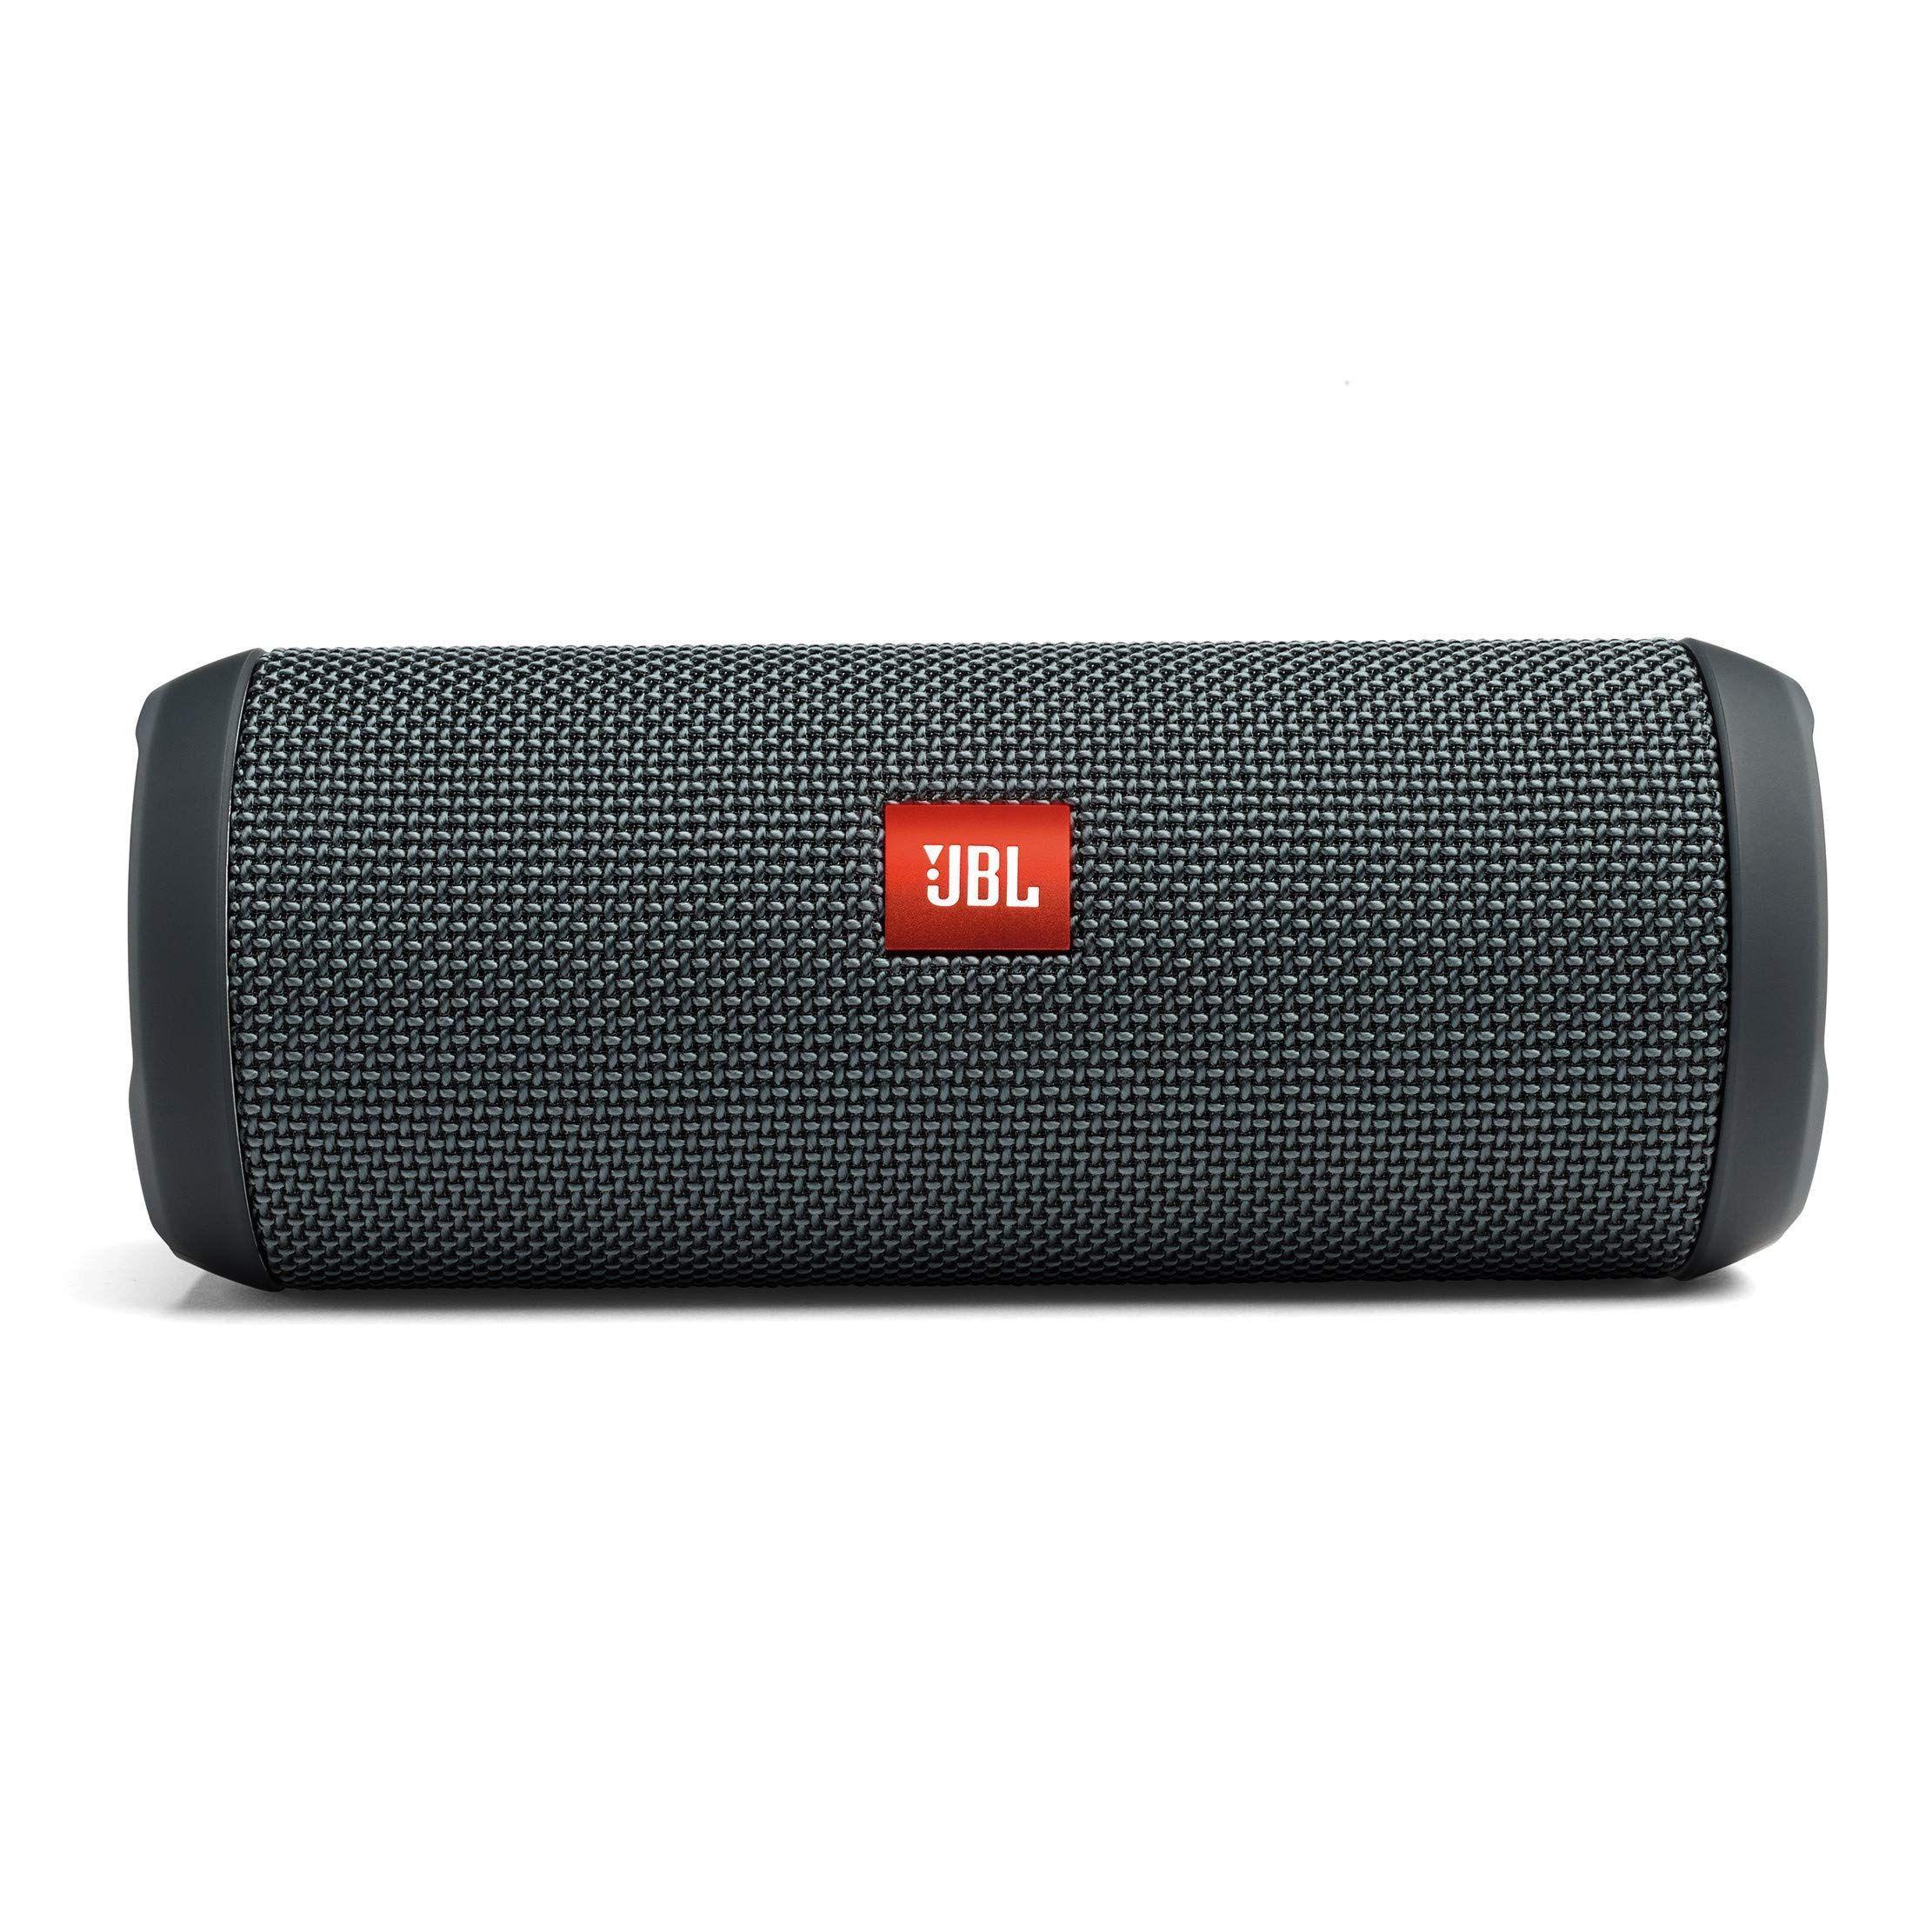 Jbl Flip Essential Bluetooth Box In Grau Wasserdichter Portabler Lautsprecher Mit Herausragendem Sound Bis Z In 2020 Bluetooth Tragbarer Lautsprecher Lautsprecher